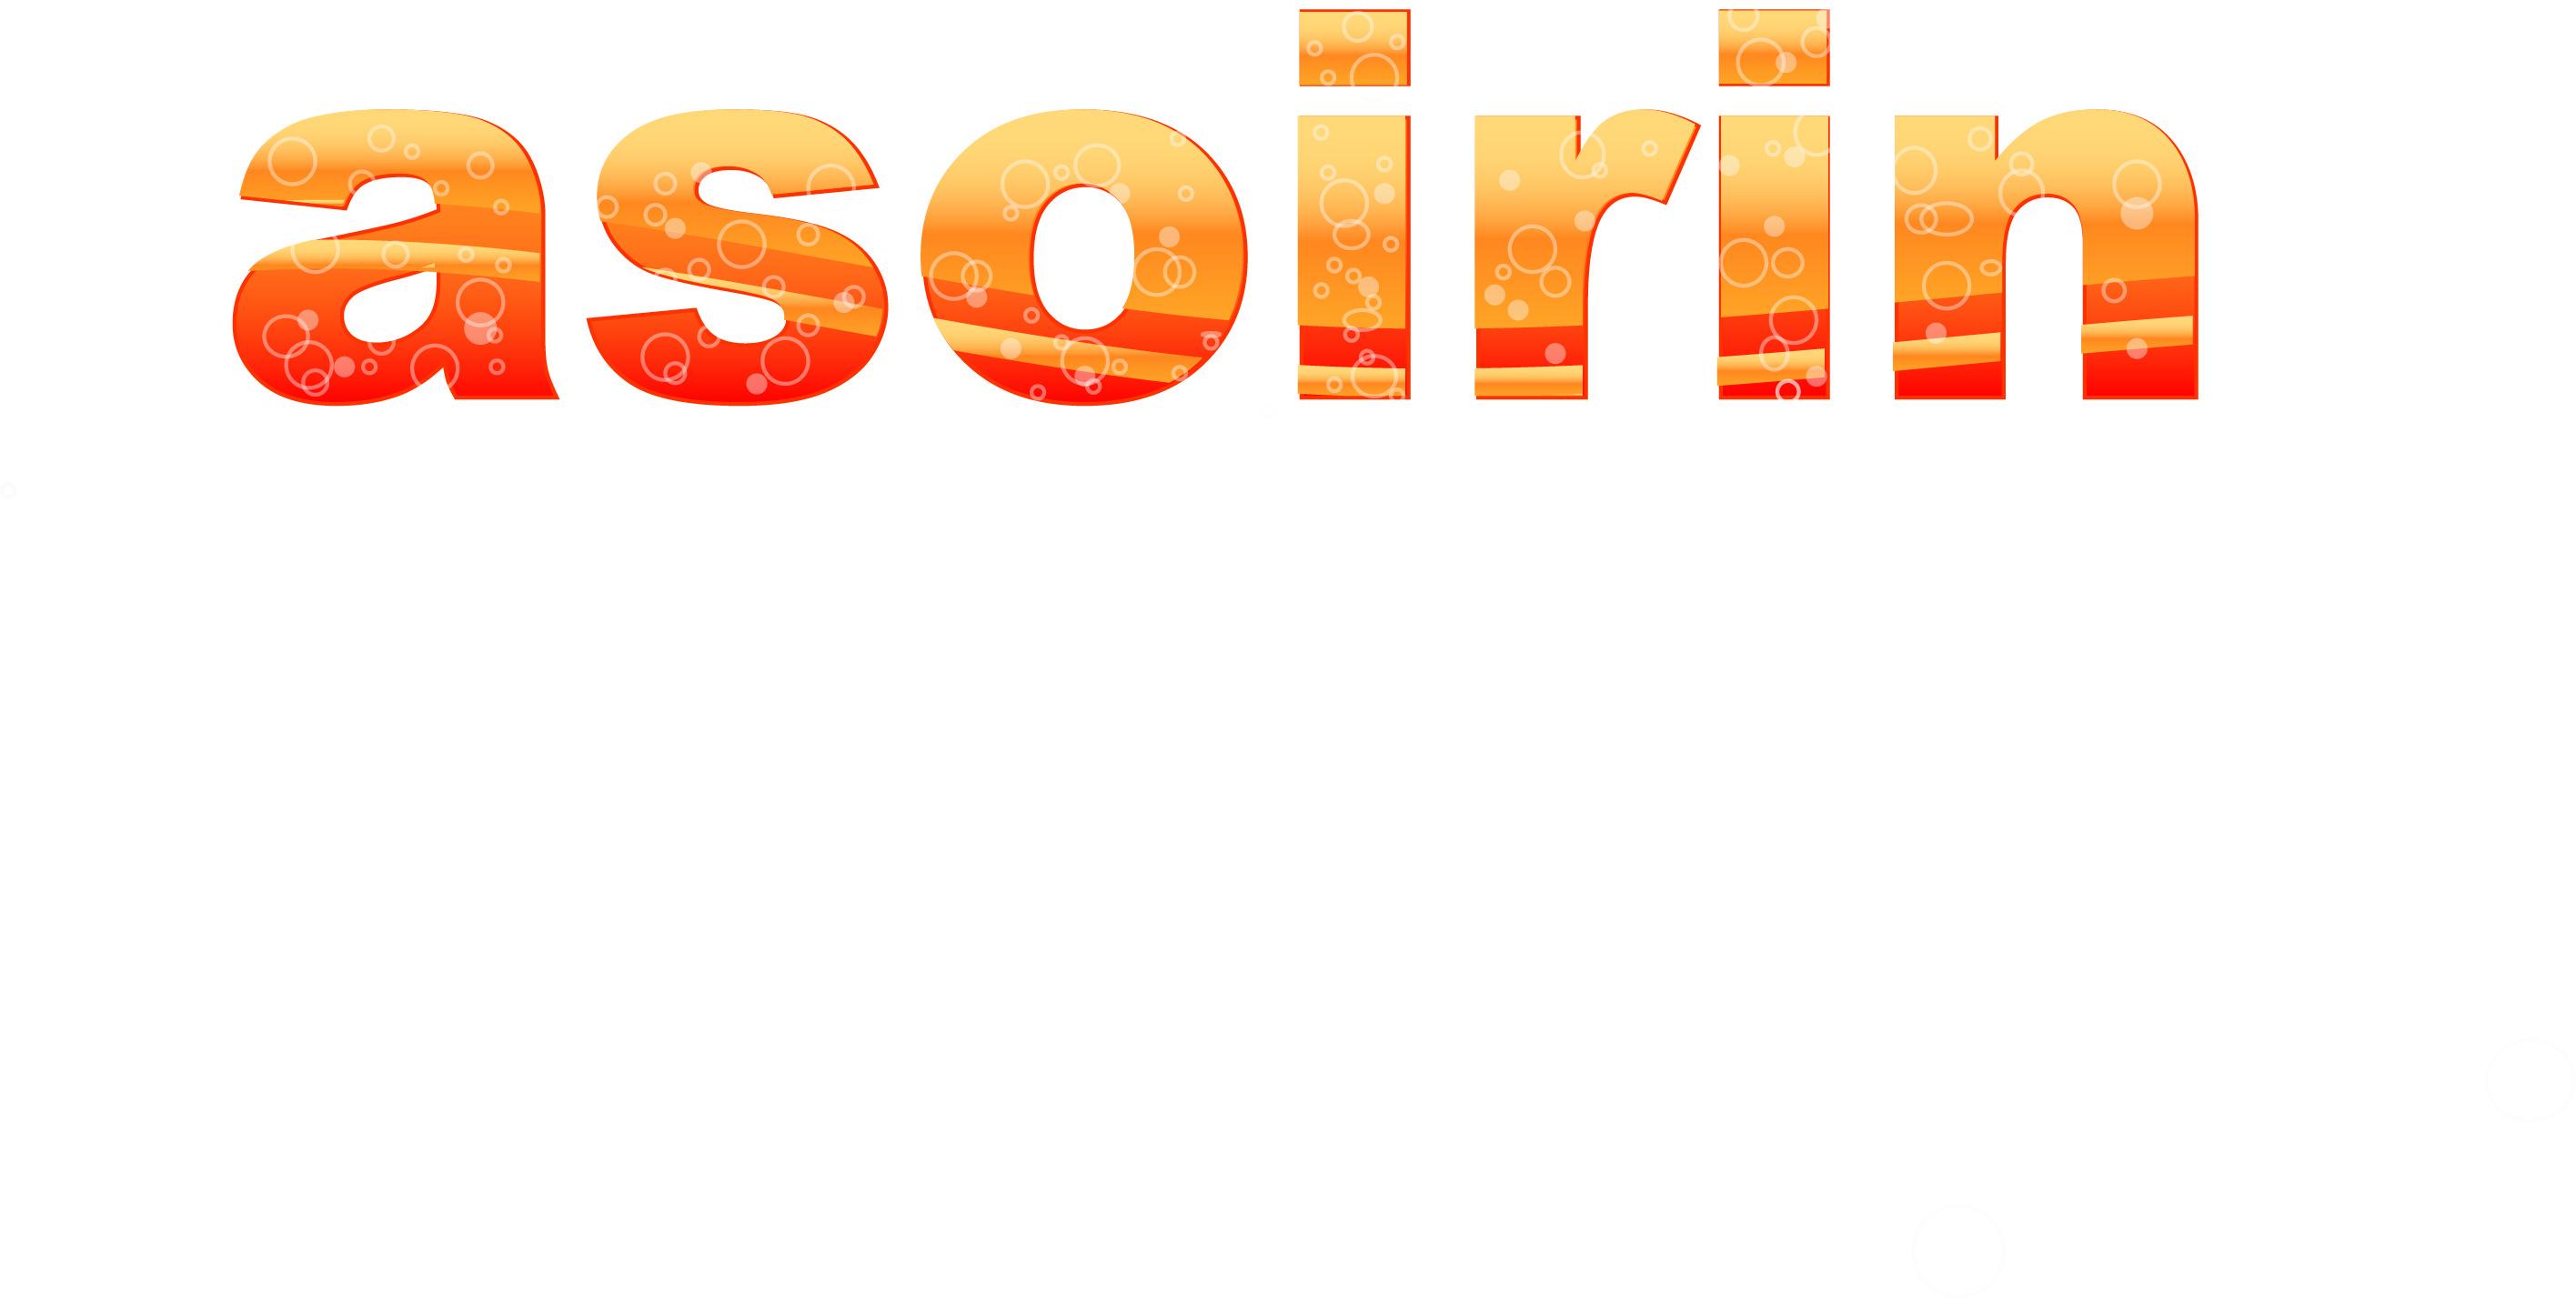 来源:ddc 作者:樊骅 本例中我们用Illustrator来做一种活泼的字体,水汪汪、胖乎乎的,而且还冒着气泡。   效果如下。       首先我们用Illustrator文字工具输入自己想要设计的文字,我输入的是我的英文名字Fun。       我选择了一个胖胖的字体:       转曲(ctrl+shift+o)并填充渐变、描边。(如图)       接下来我们开始制作白色高光和制作一些通明的感觉。   先原位置复制一个同样的图形,填充上白色,无描边。       在上面绘制一个波浪的图形,并使用